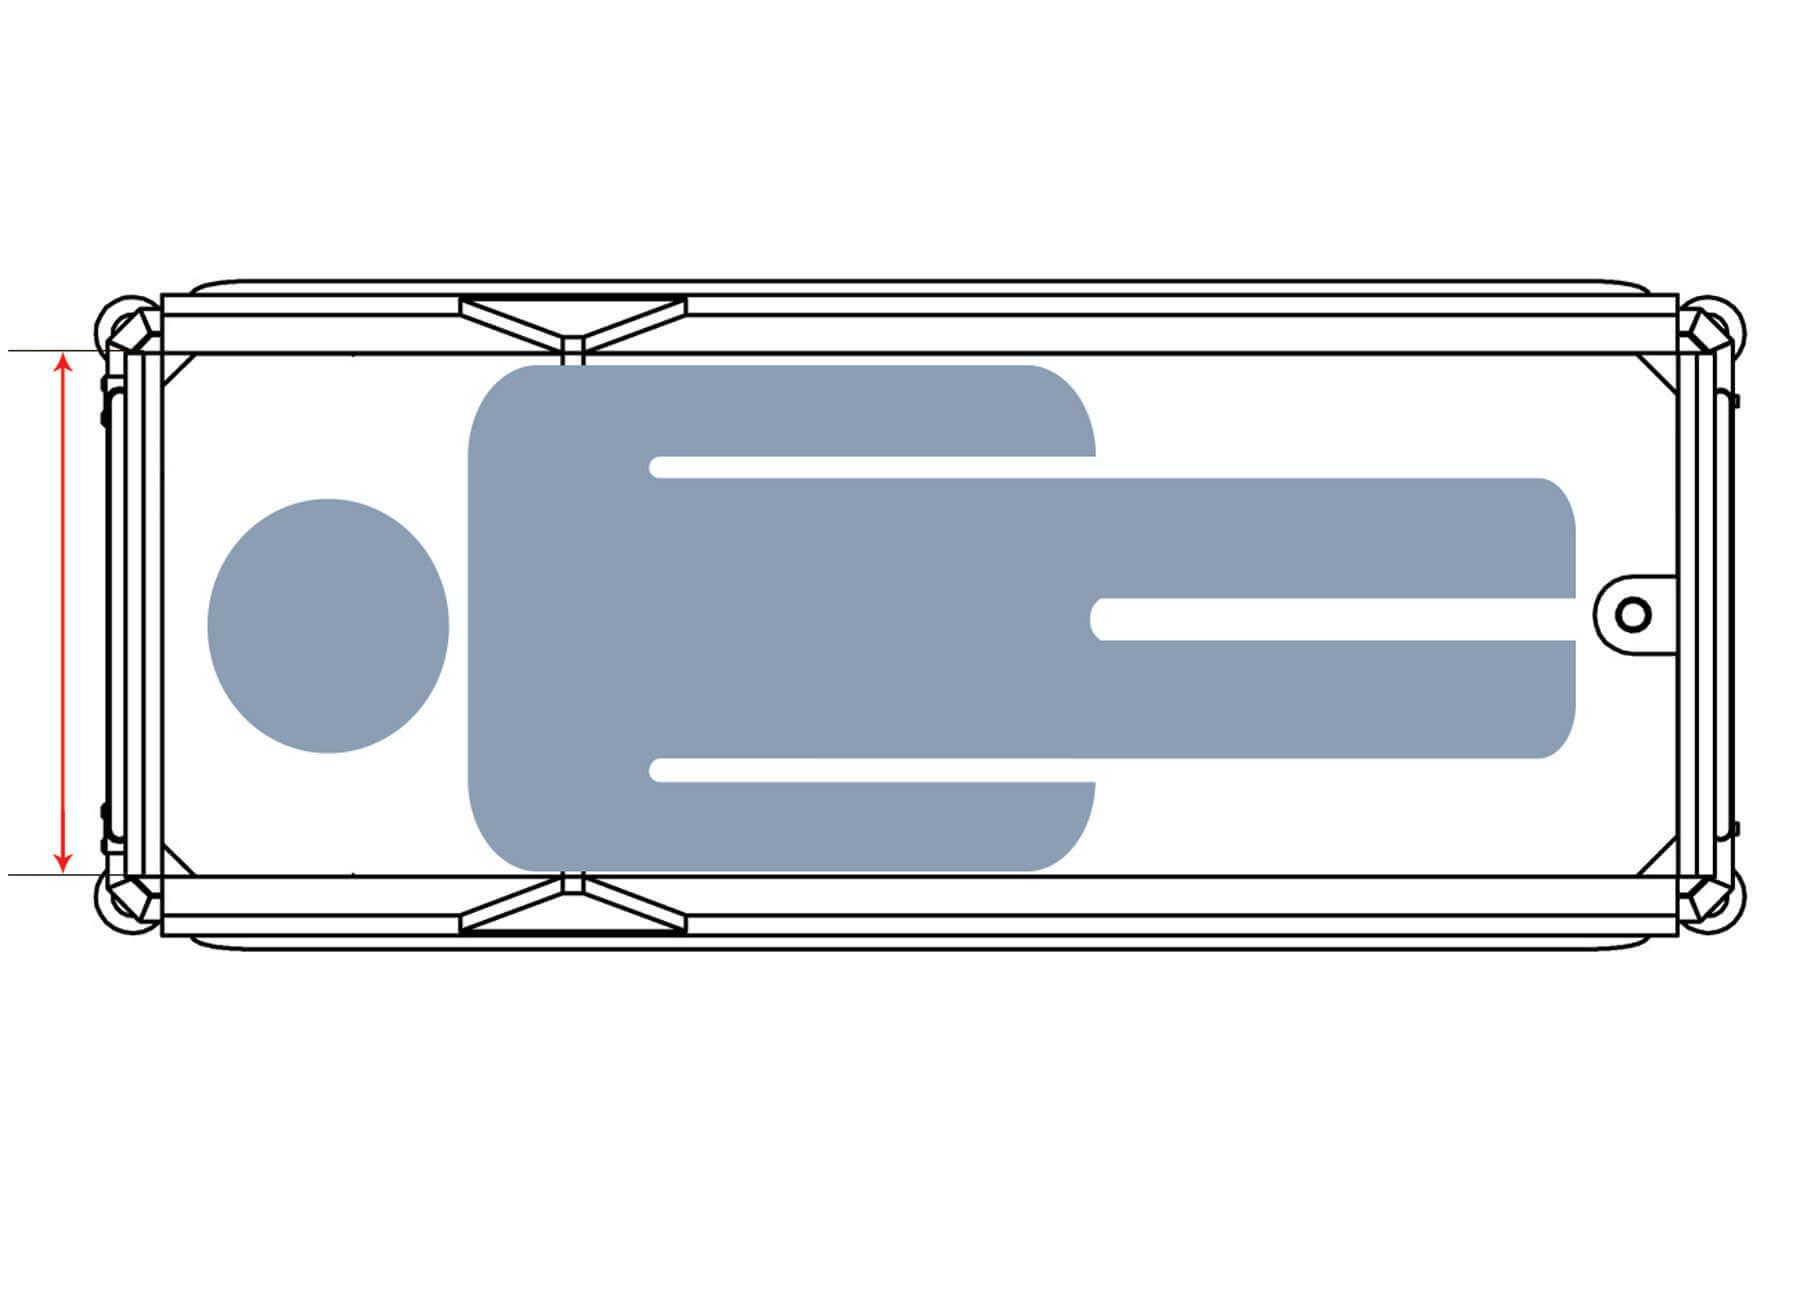 Duschwagen Konfiguration Liegefläche